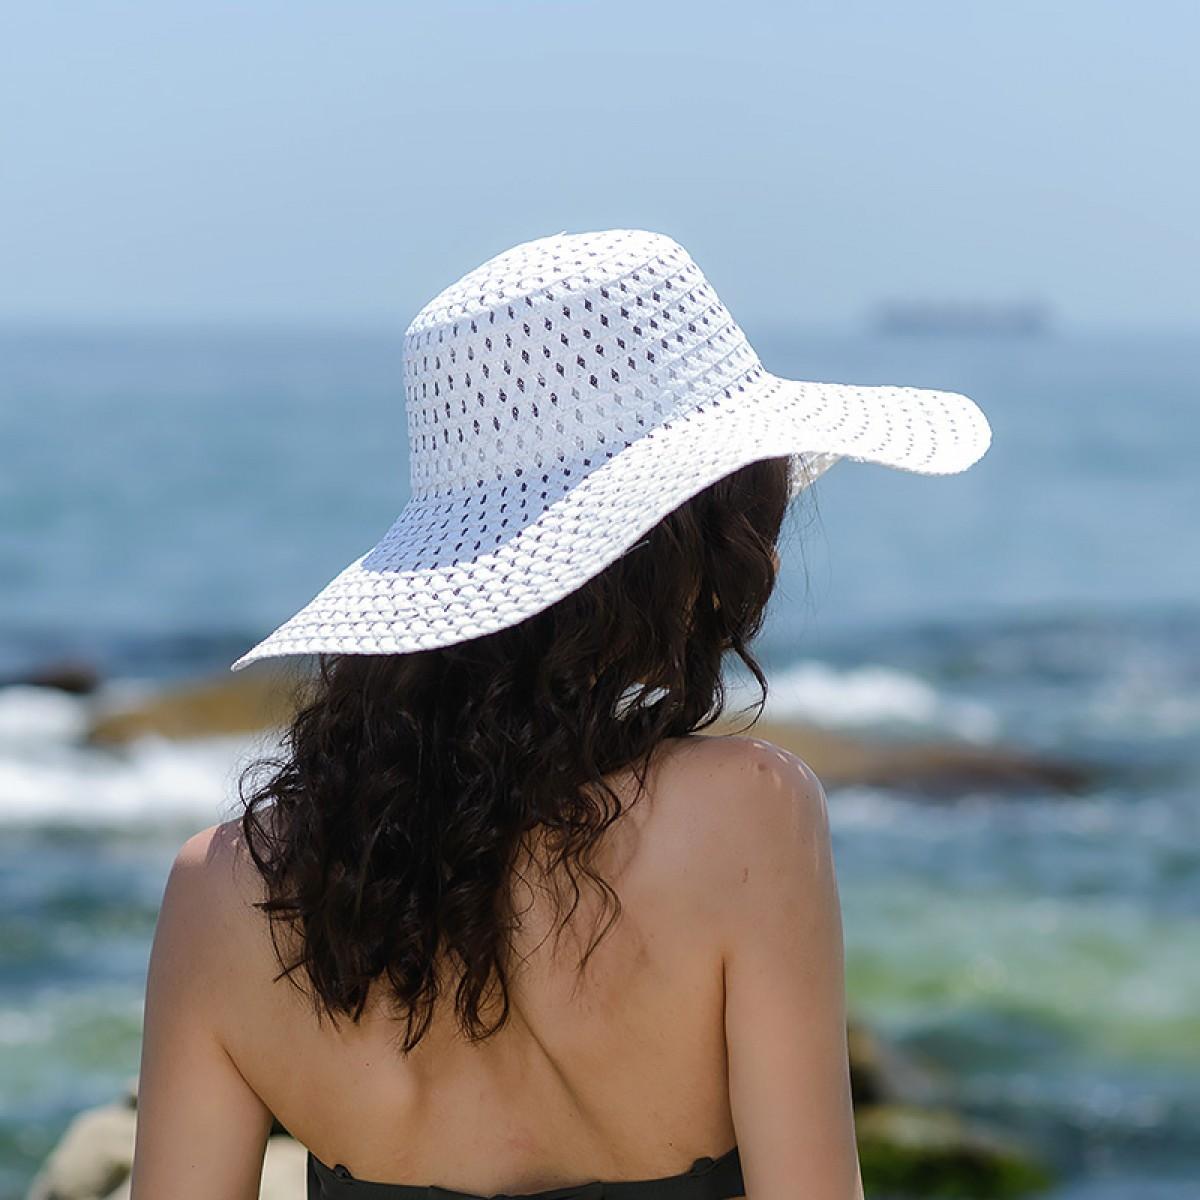 Плажни шапки в бяло Снимка 3 от 4